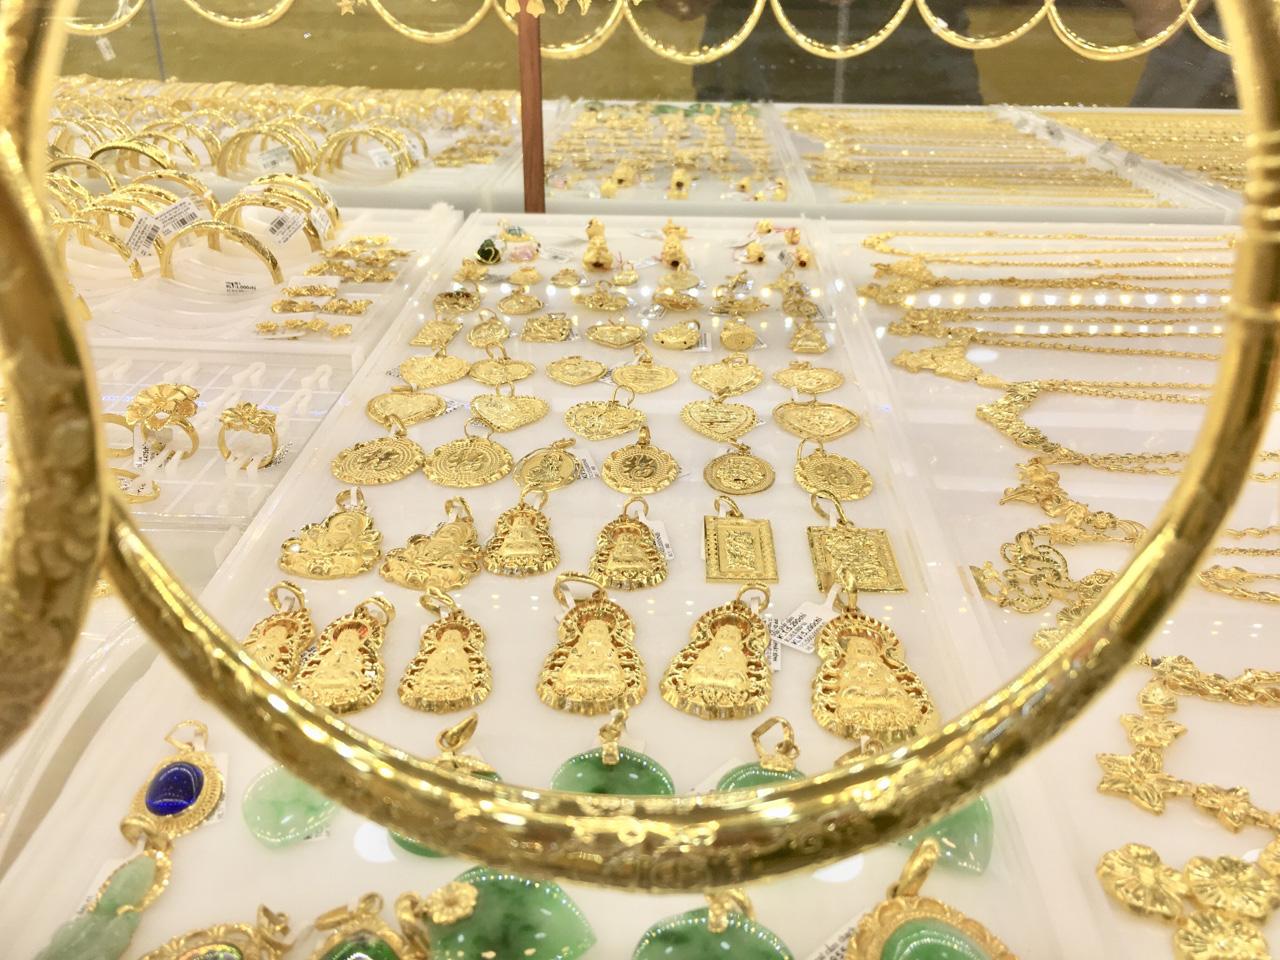 Gia vàng SJC phớt lờ đà giảm của thế giới, bật tăng đến nửa triệu đồng/lượng - Ảnh 1.